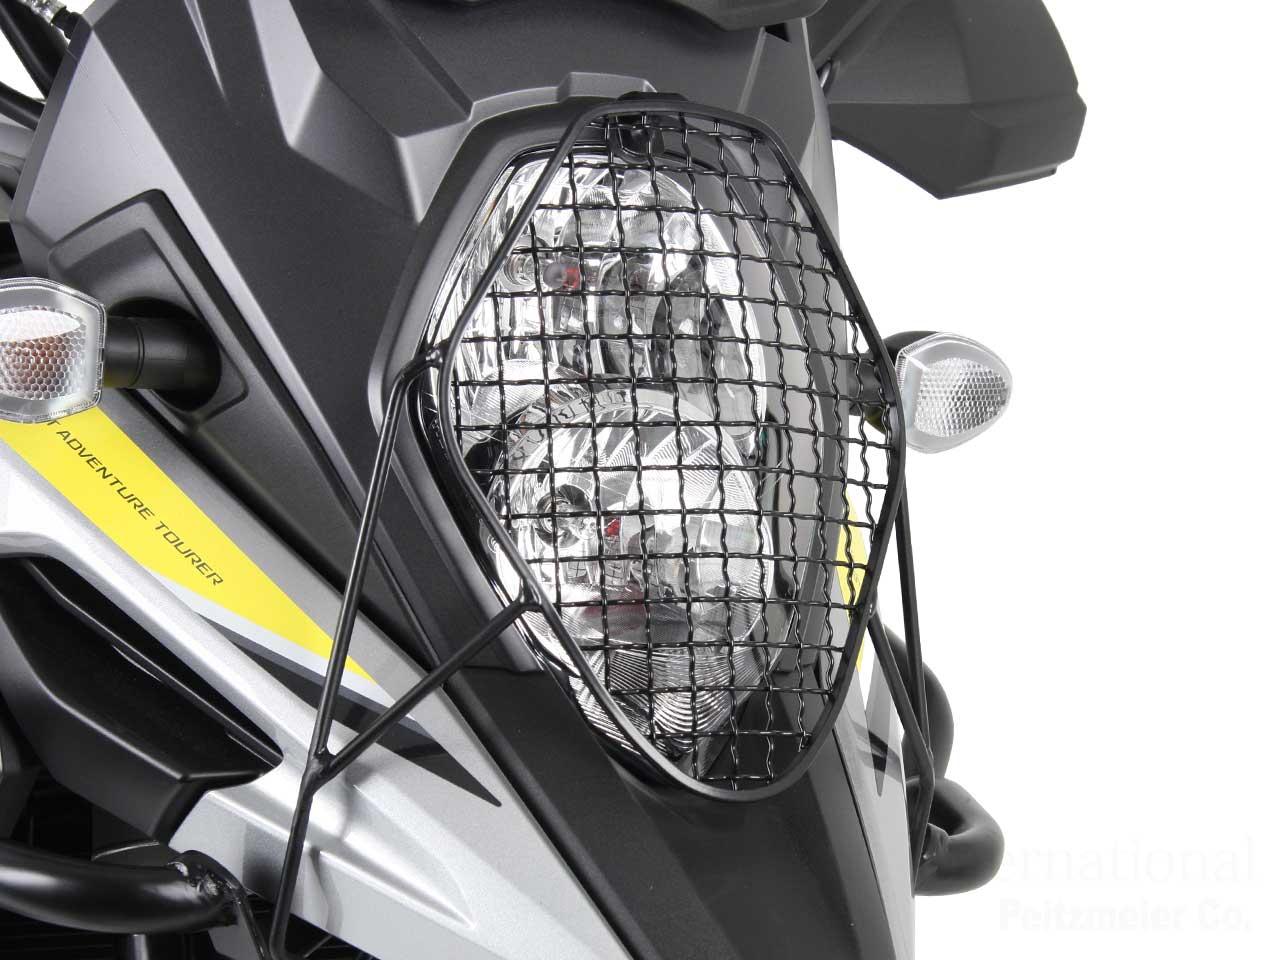 ヘプコ&ベッカー ヘッドライトグリル / ヘッドライトガード Vストローム1000